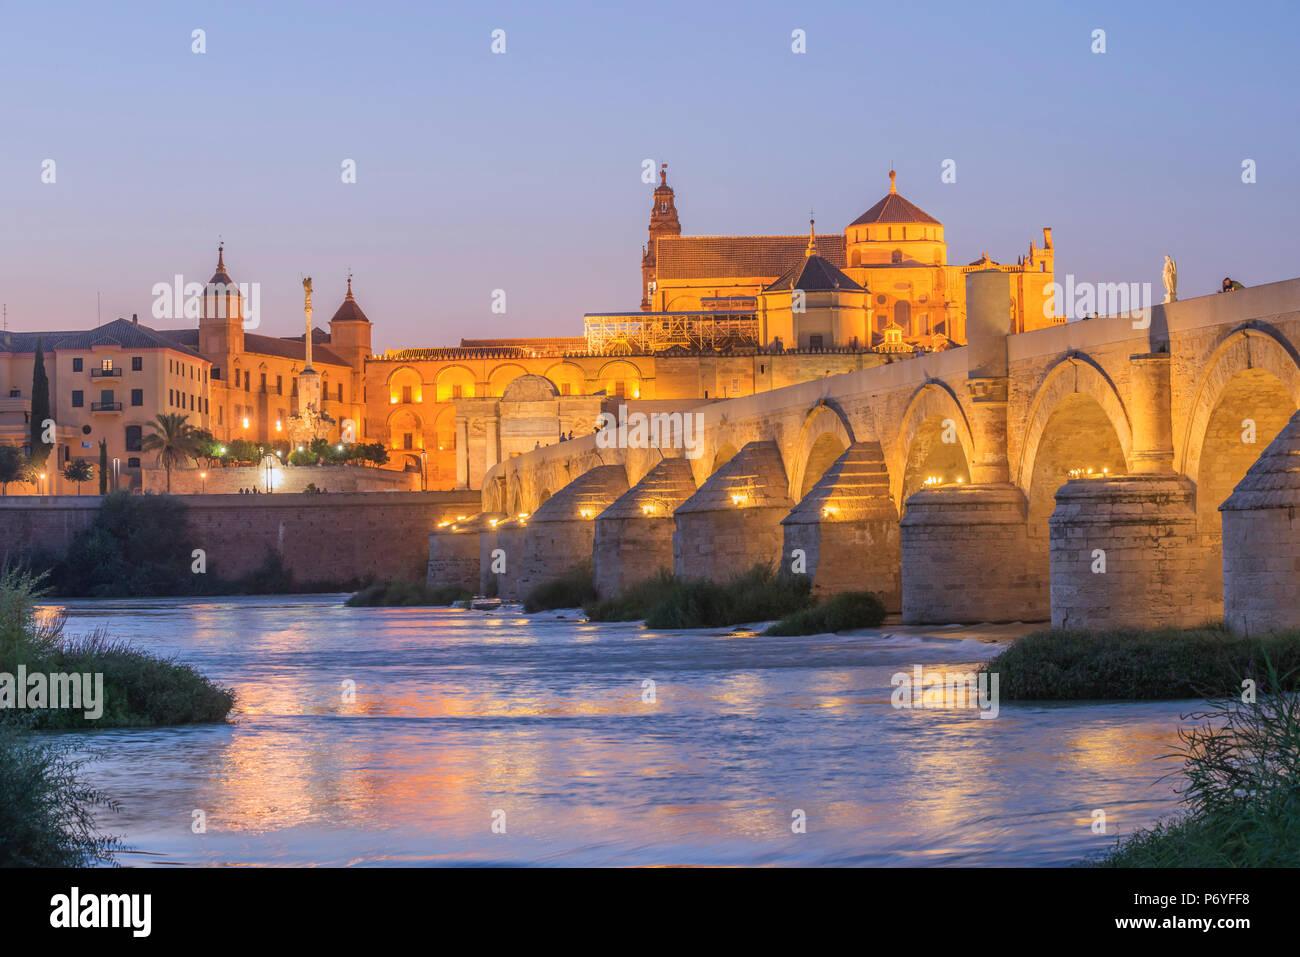 El puente romano de Córdoba con la Mezquita y el Río Gaudalquivir, Sitio del Patrimonio Mundial de la UNESCO, Córdoba, Andalucía, España Imagen De Stock